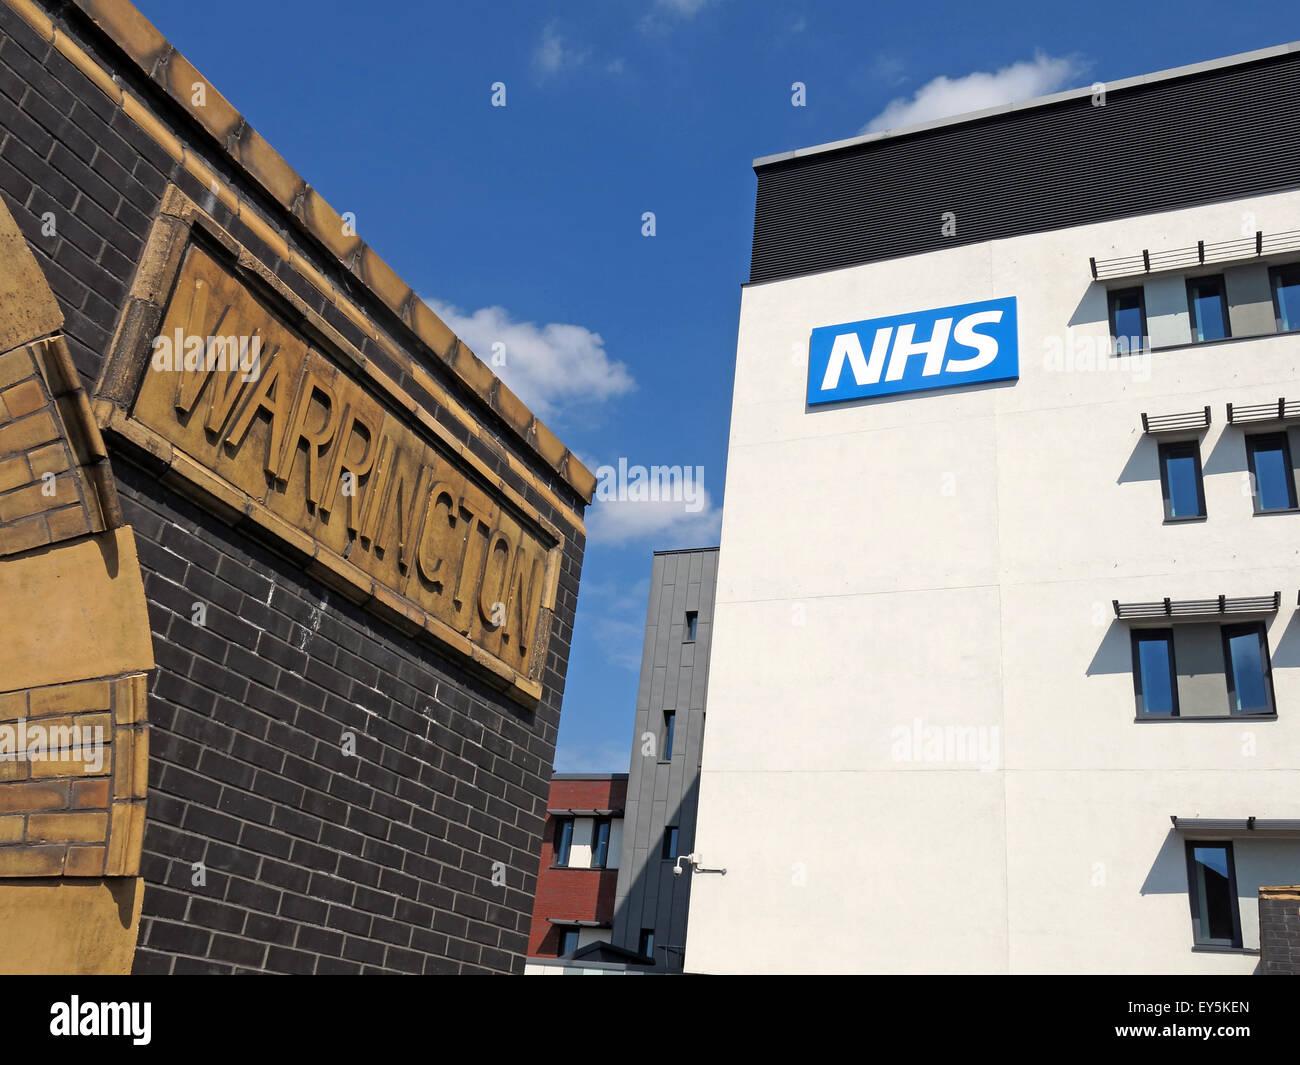 Laden Sie dieses Alamy Stockfoto Bad St, Warrington Hospitals NHS Trust, Cheshire, England, Vereinigtes Königreich - EY5KEN